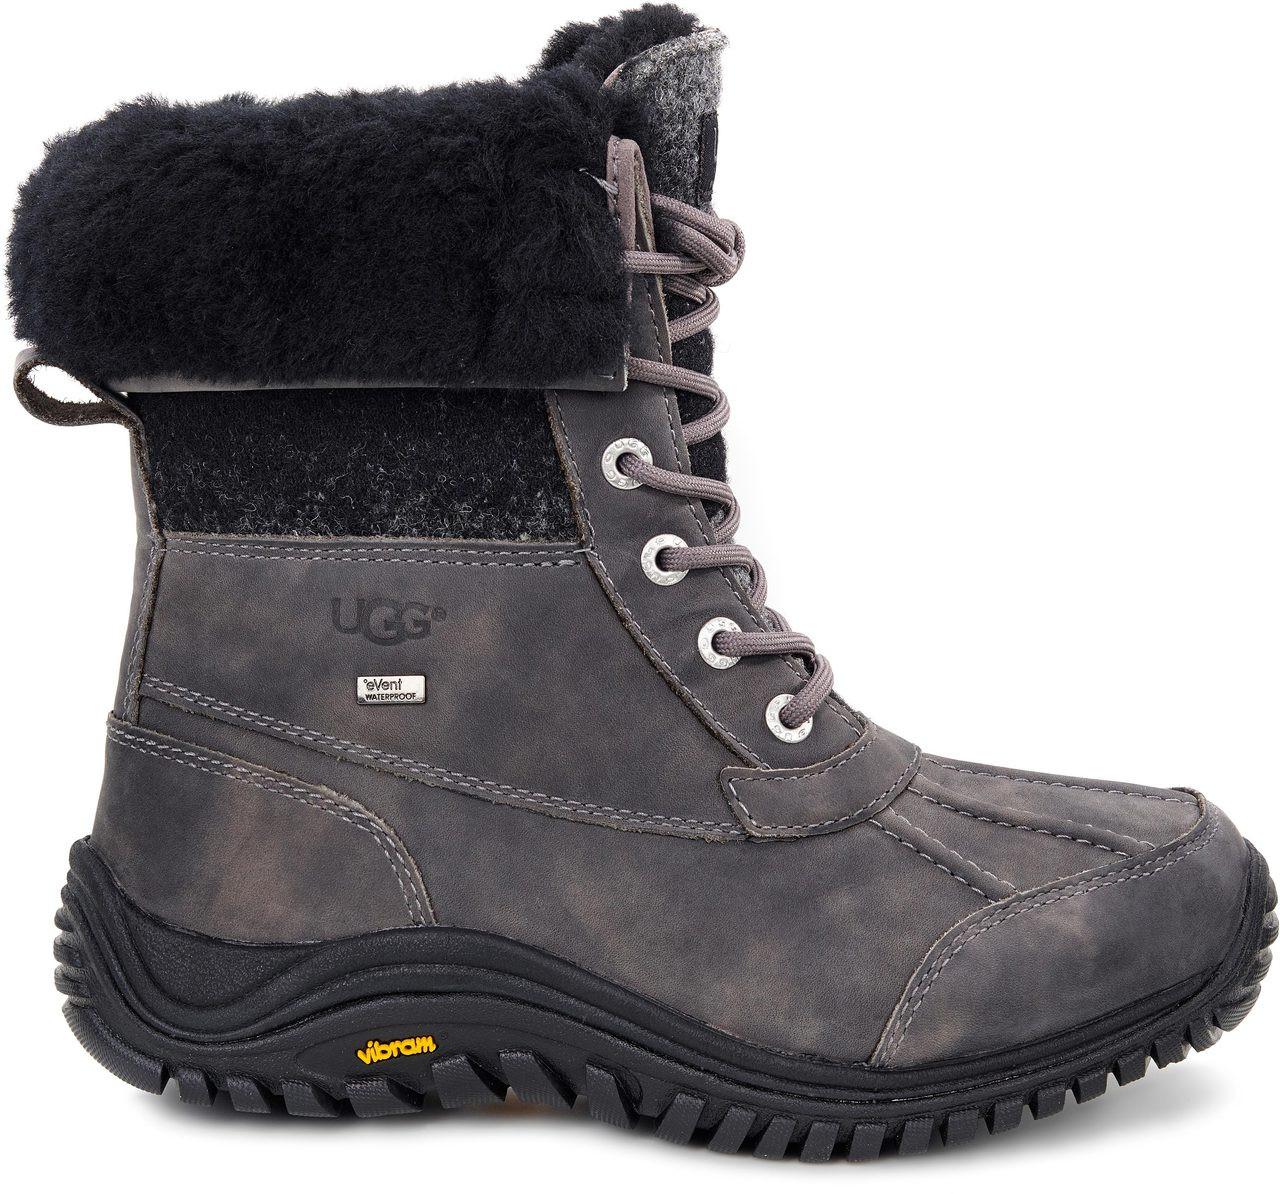 Dansko Shoes Size 95